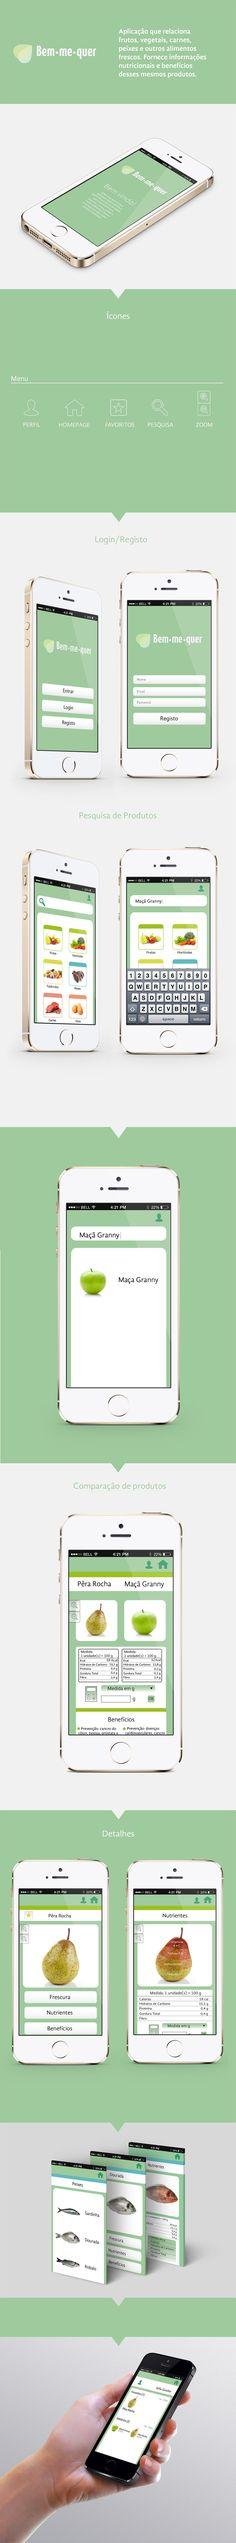 Aplicação Mobile: Bem-me-quer on Behance Web Design, Behance, Design Web, Website Designs, Site Design